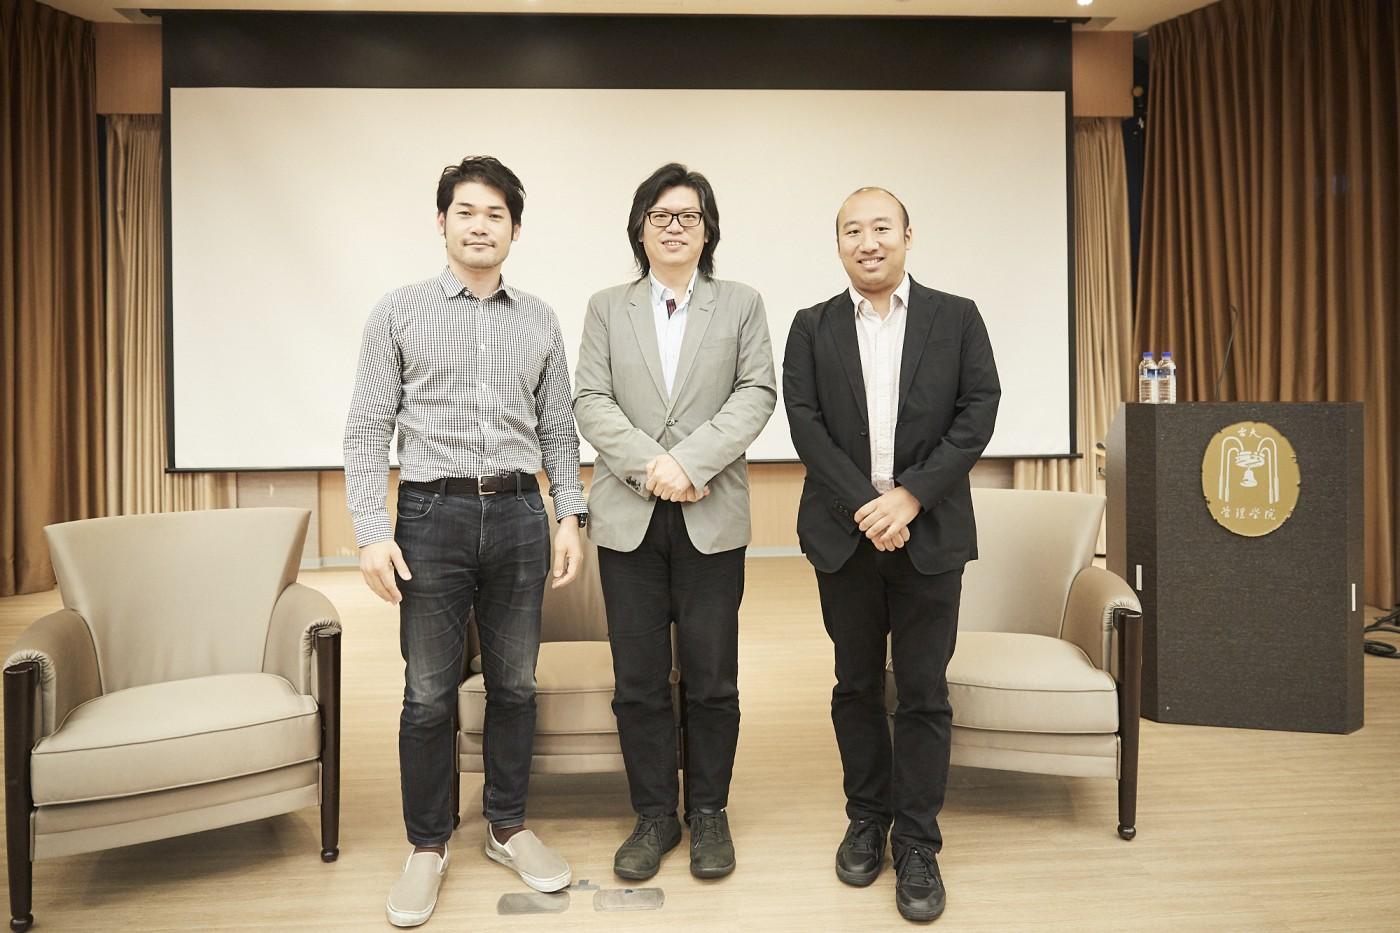 誰說台灣沒AI人才?日創業家不撿現成,而是開「免費」課程搶學生